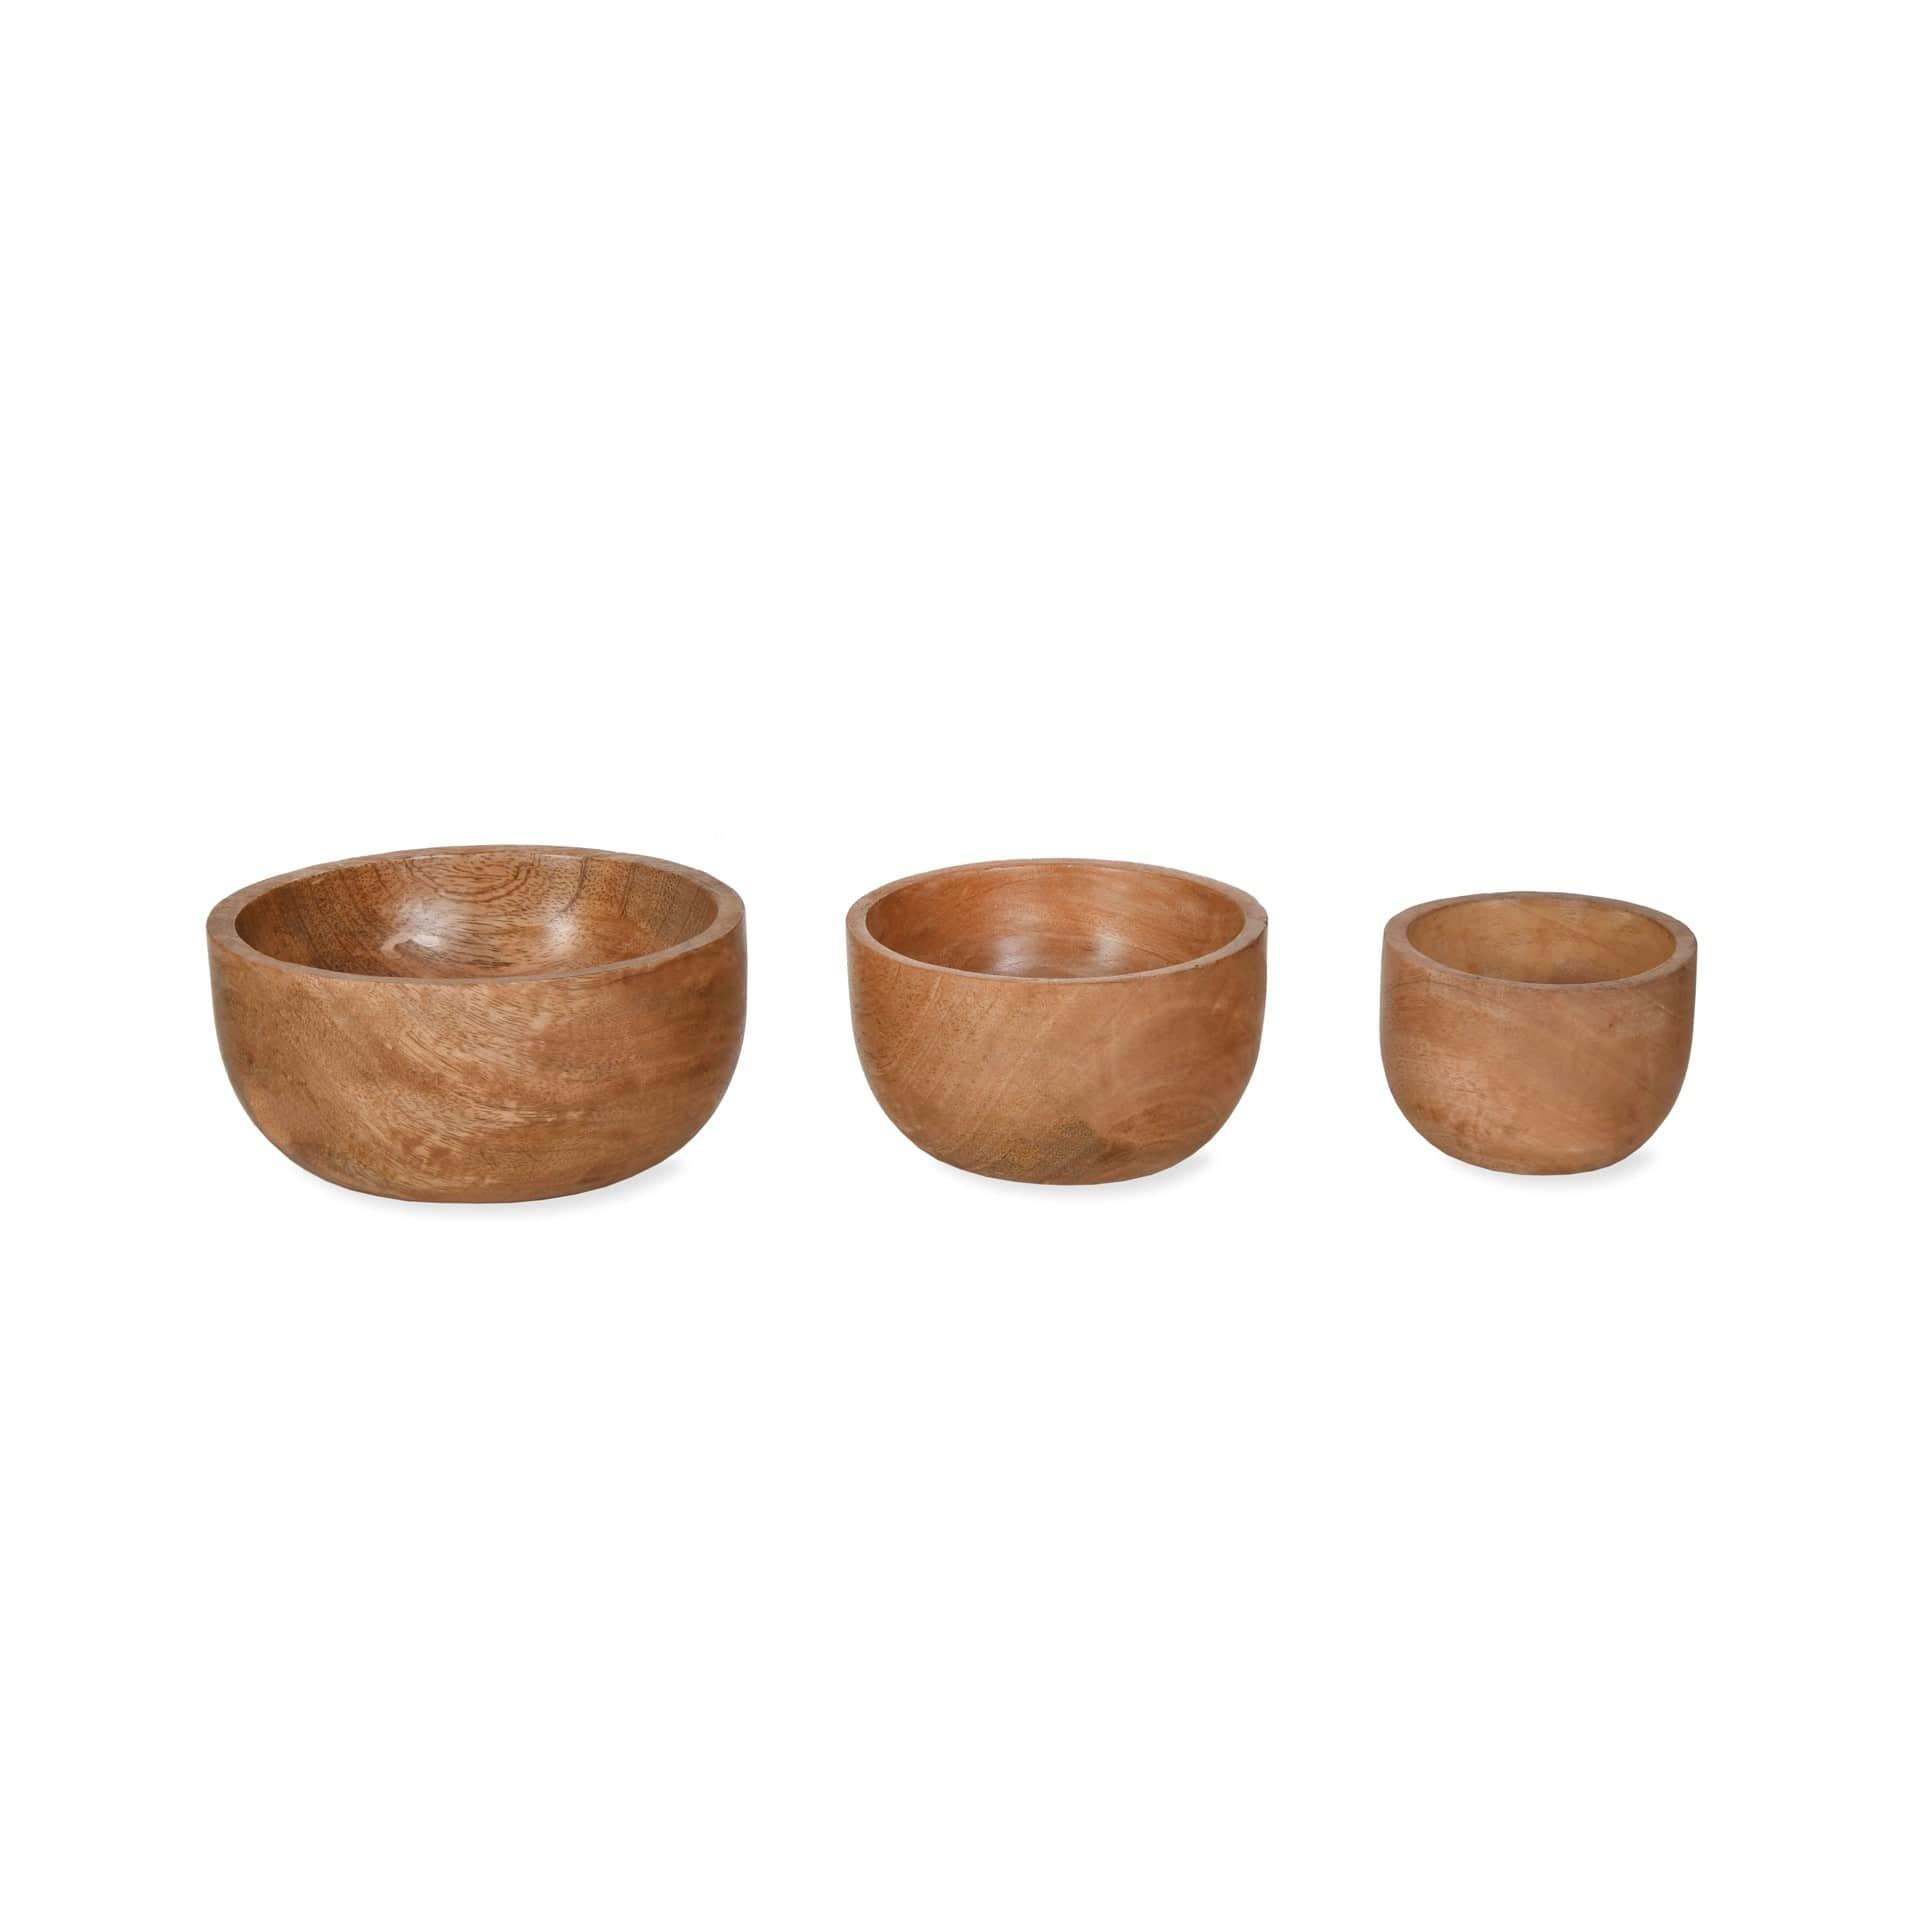 Garden Trading Miska z mangového dřeva Midford - set 3 ks, přírodní barva, dřevo